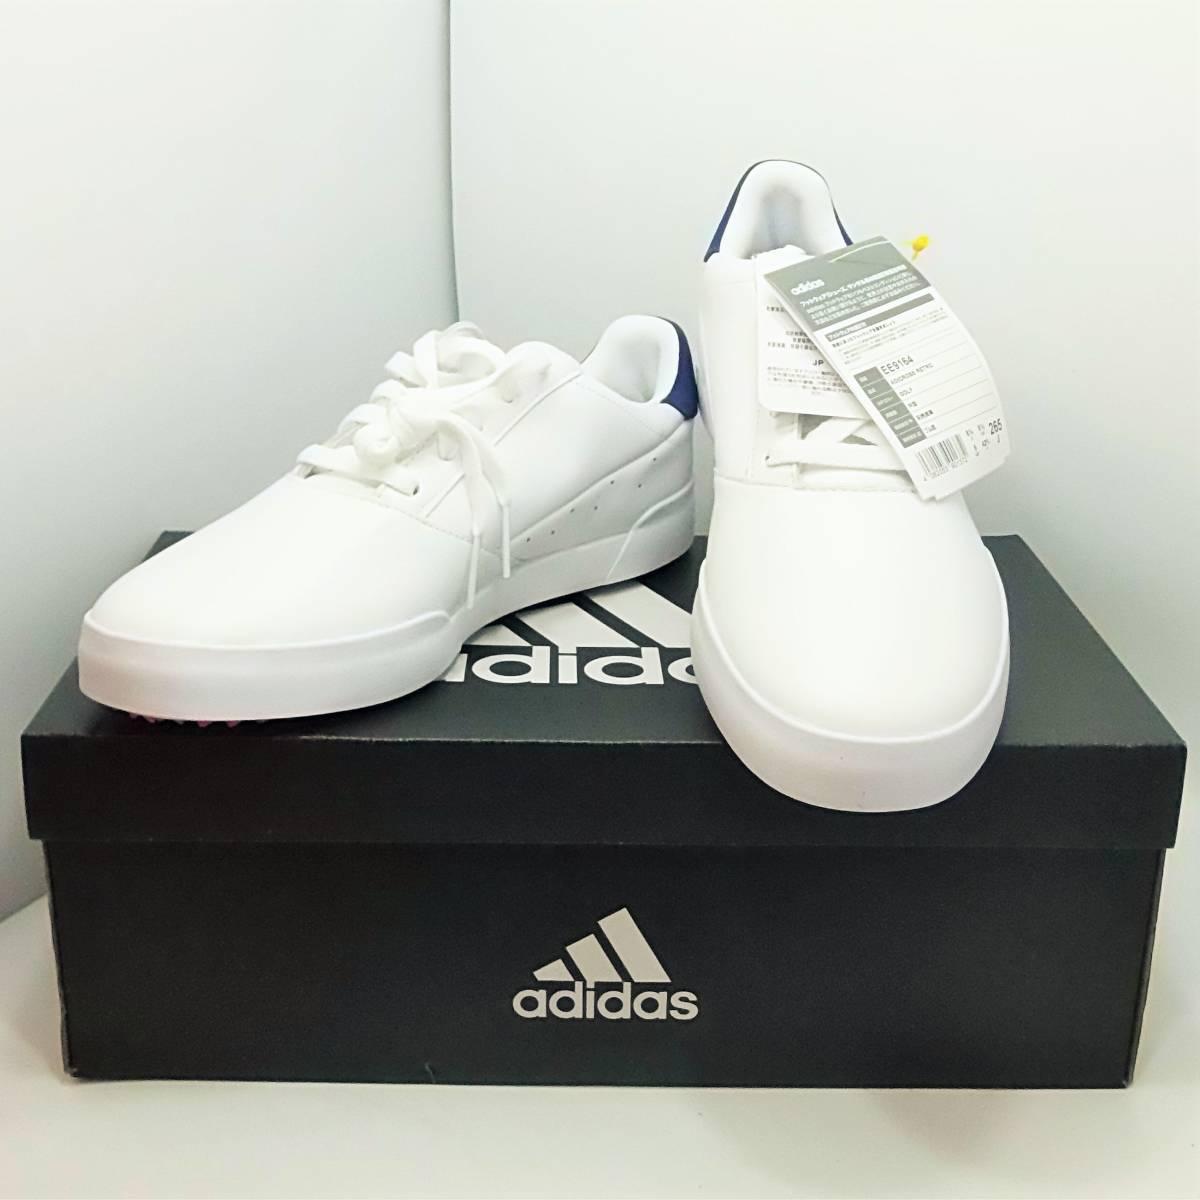 [未使用] アディダス adidas ゴルフ Golf アディクロス レトロ ホワイト×ブルー 26.5cm 外箱・タグ付き_画像1